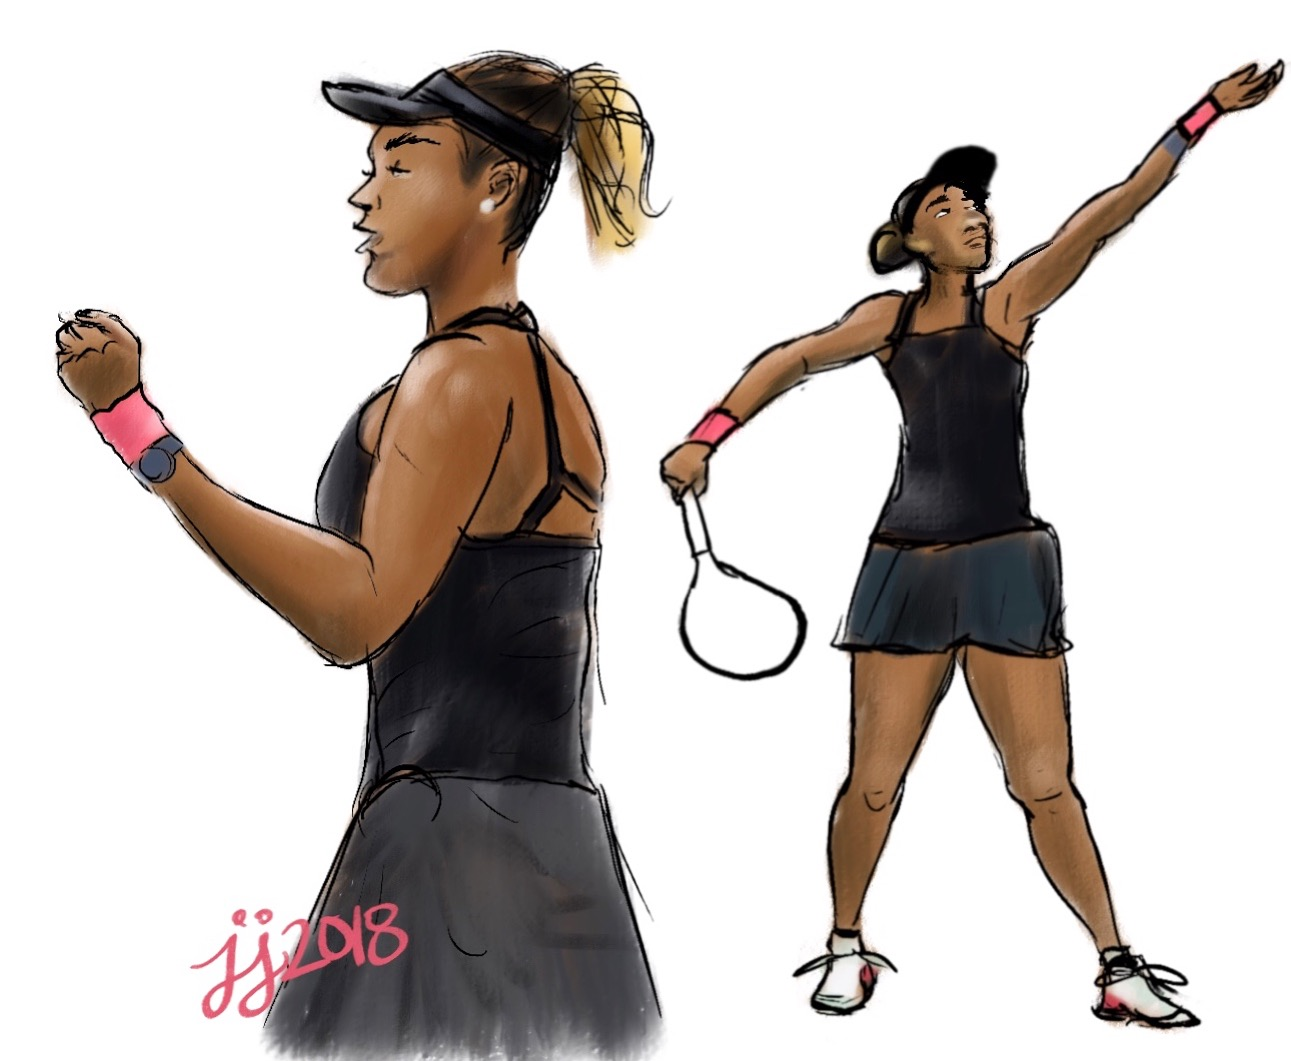 Copy of US Open Champion Naomi Osaka